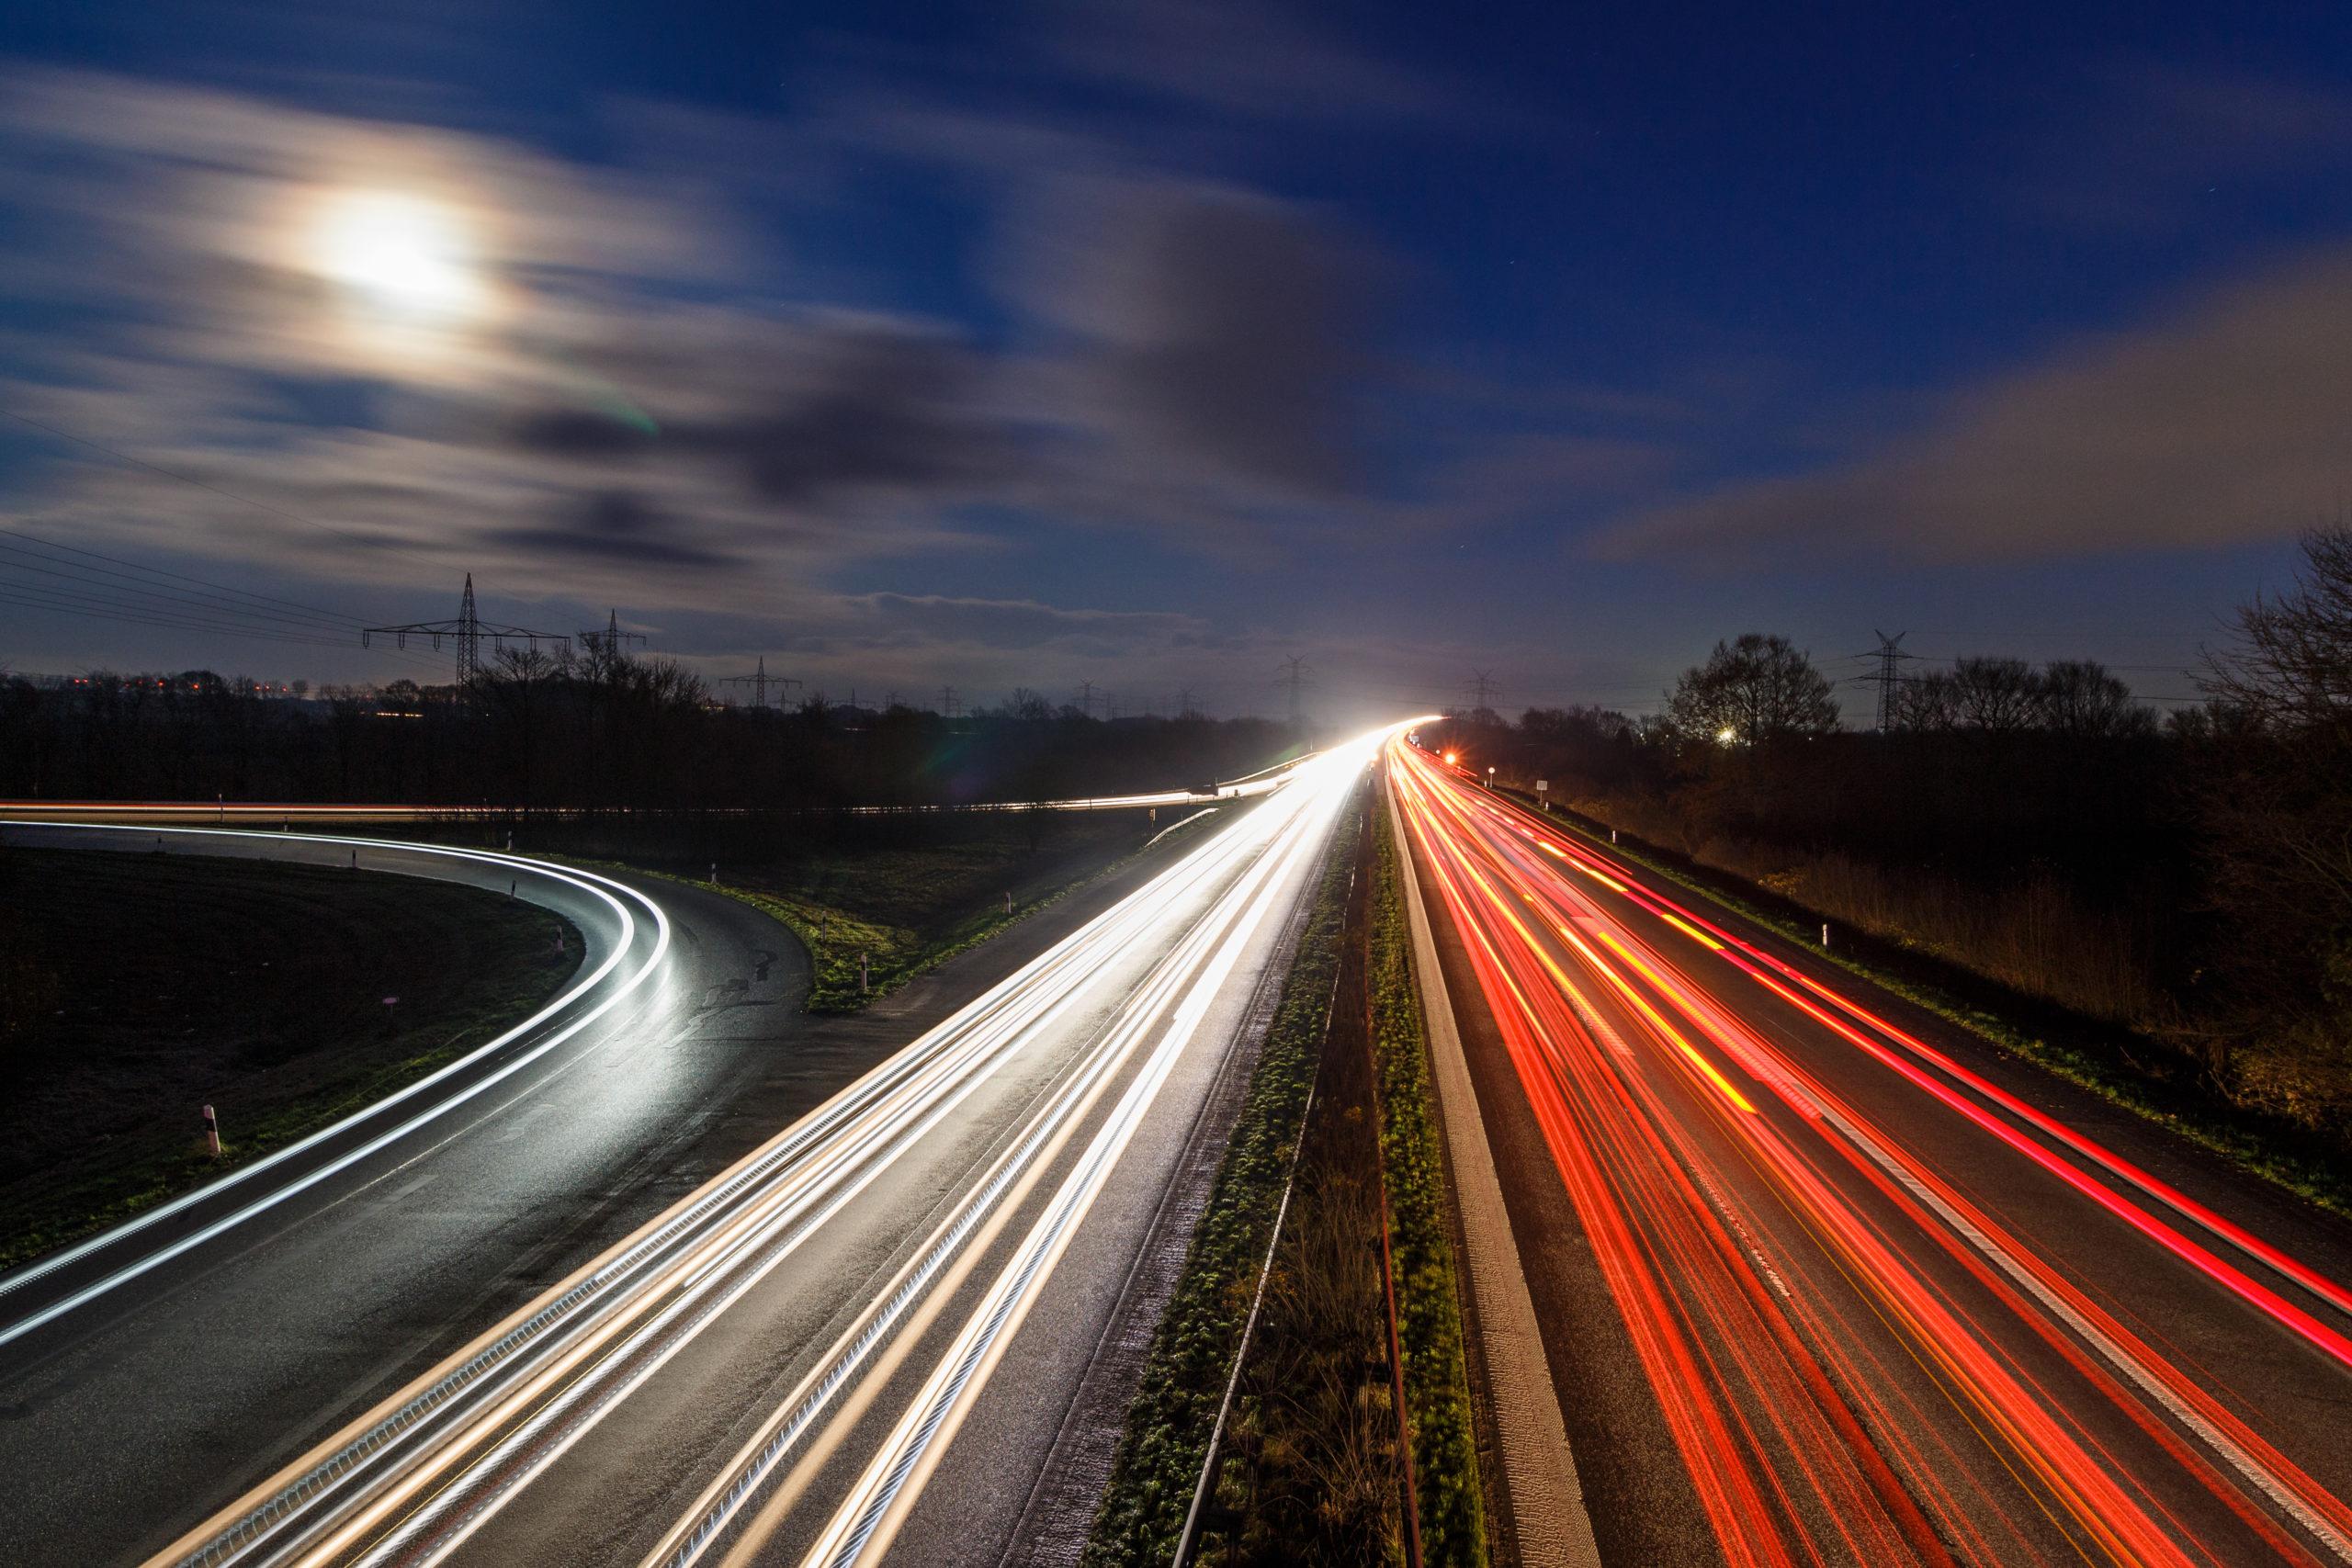 Eine Auto bei Nacht von einer Brücke aus gesehen